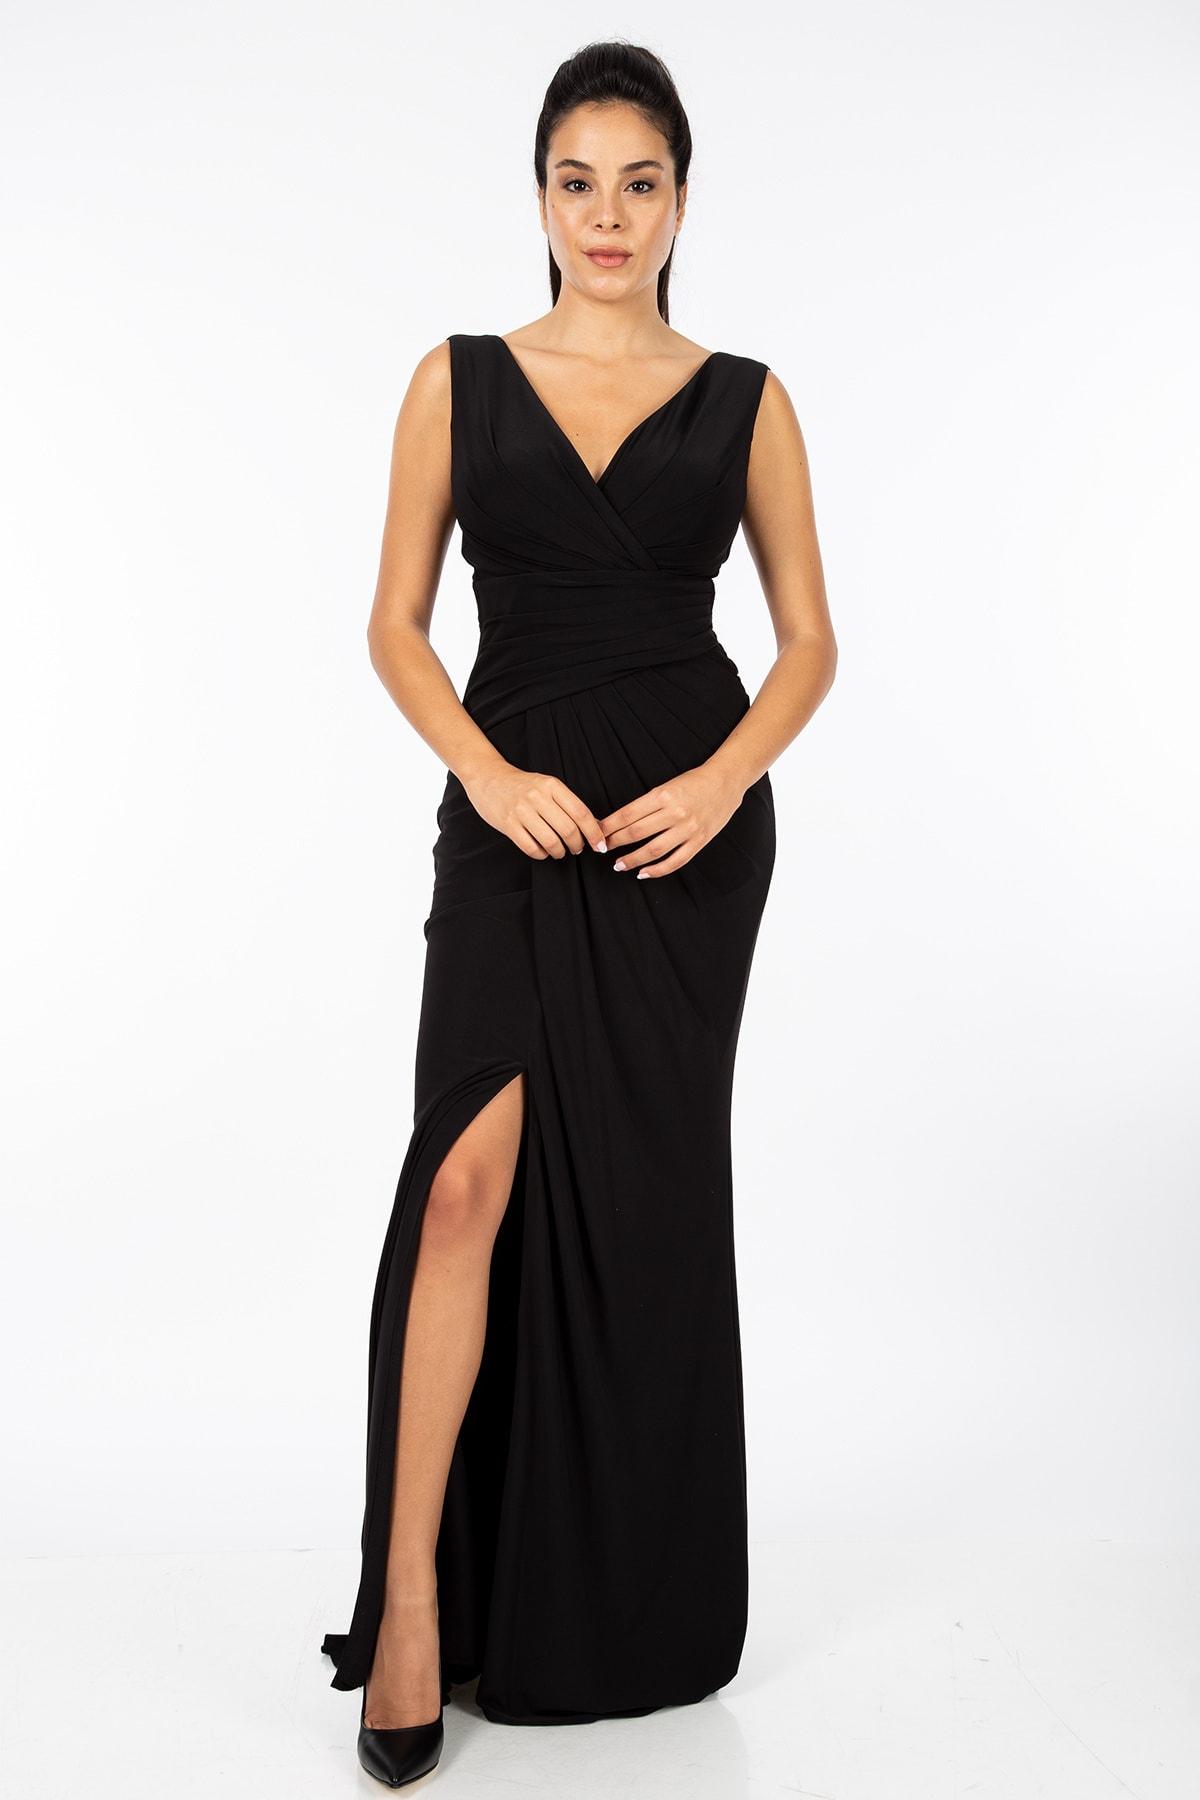 Elbisemhazır Kadın Likralı Kruvaze Model Elbise 1